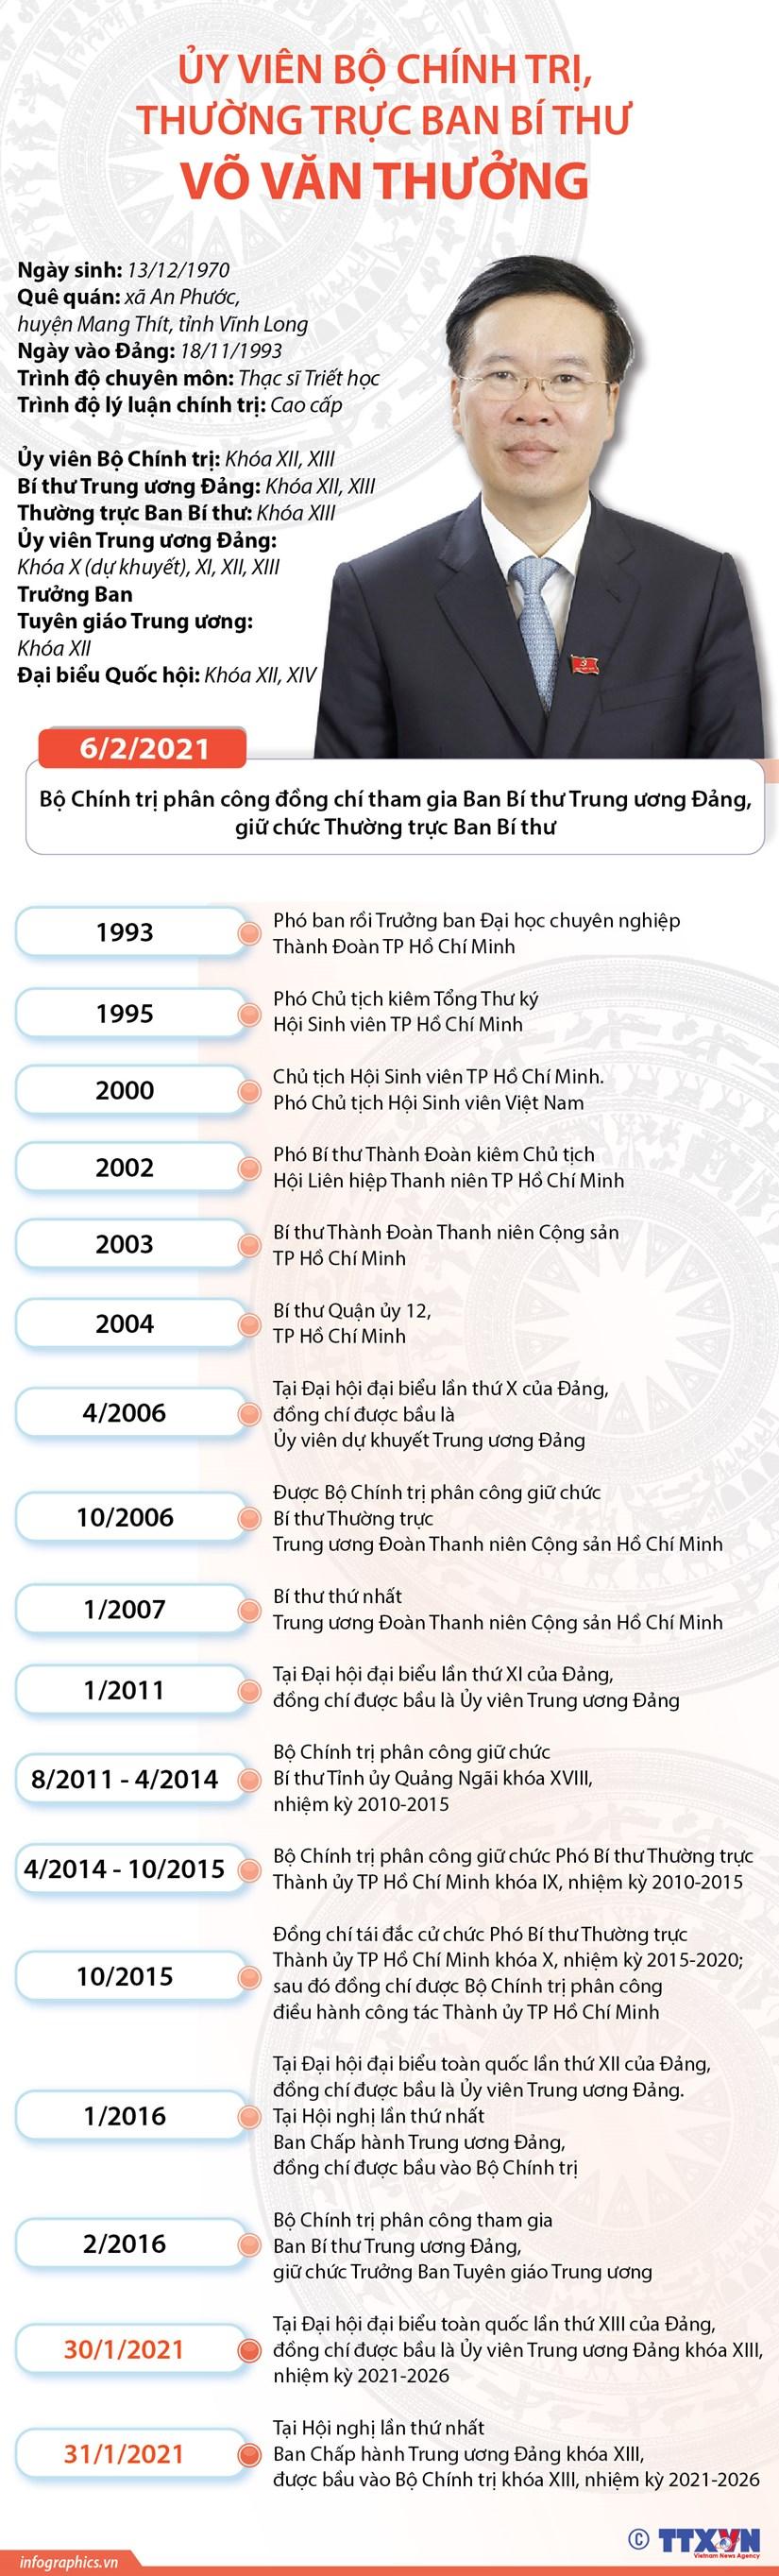 Uy vien Bo Chinh tri, Thuong truc Ban Bi thu Vo Van Thuong hinh anh 1